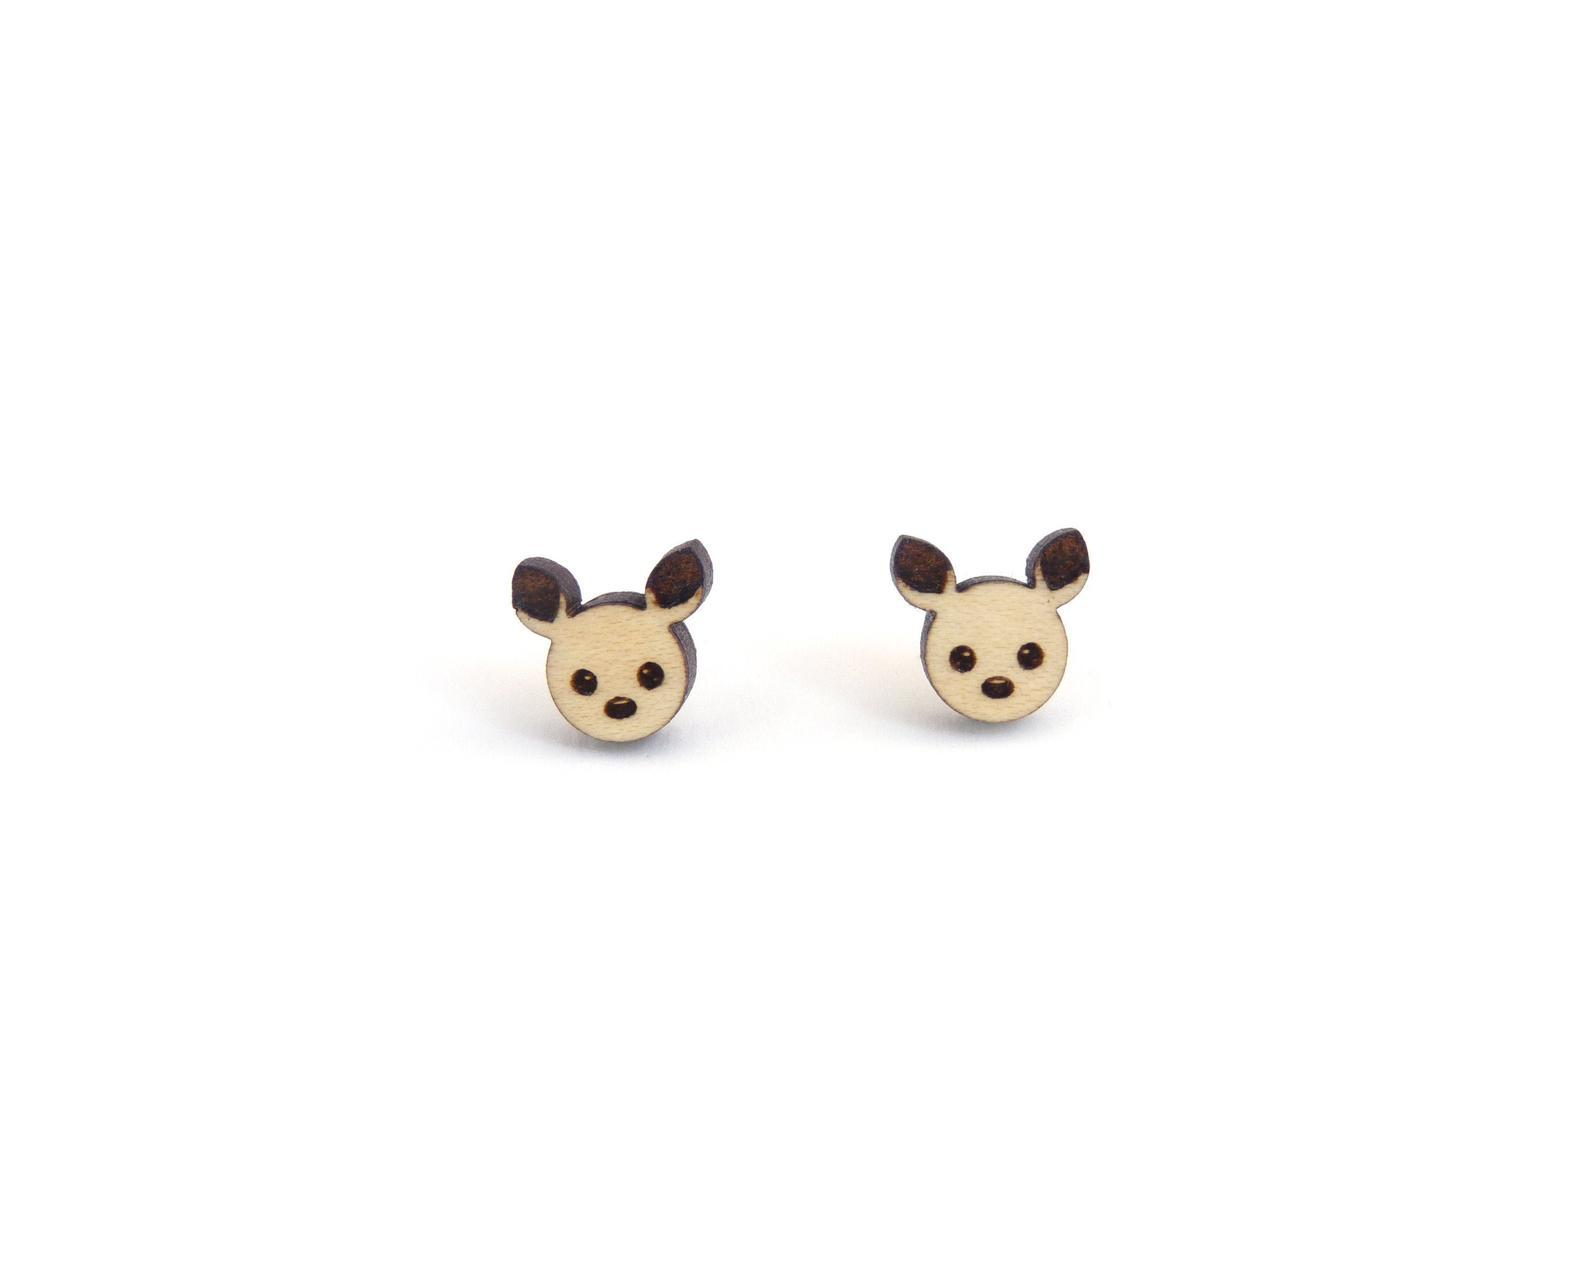 Woodland Deer Wood Stud Earrings - Choose Wood